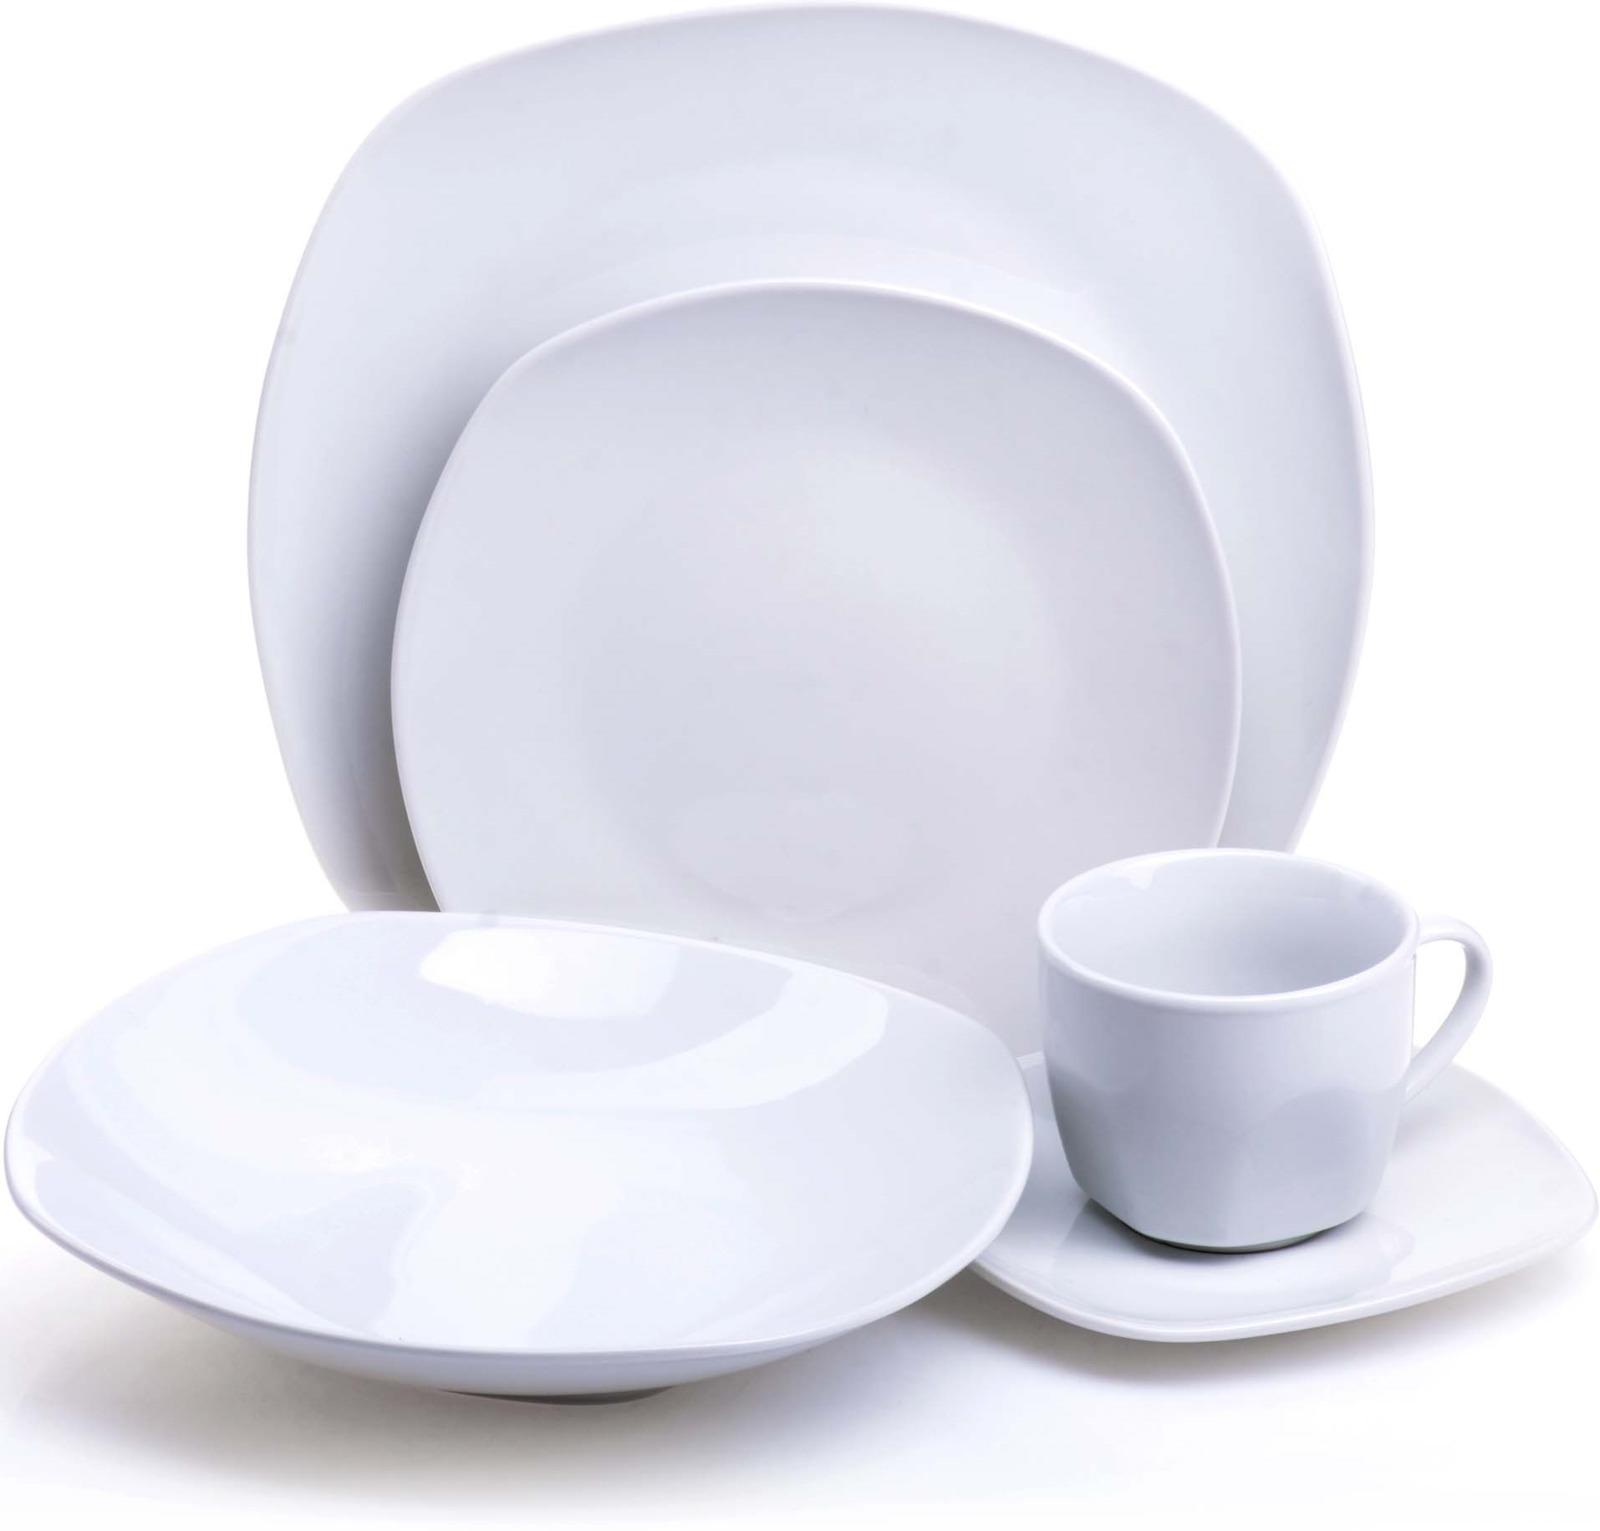 Сервиз обеденный Loraine, цвет: белый, 20 предметов. у4112